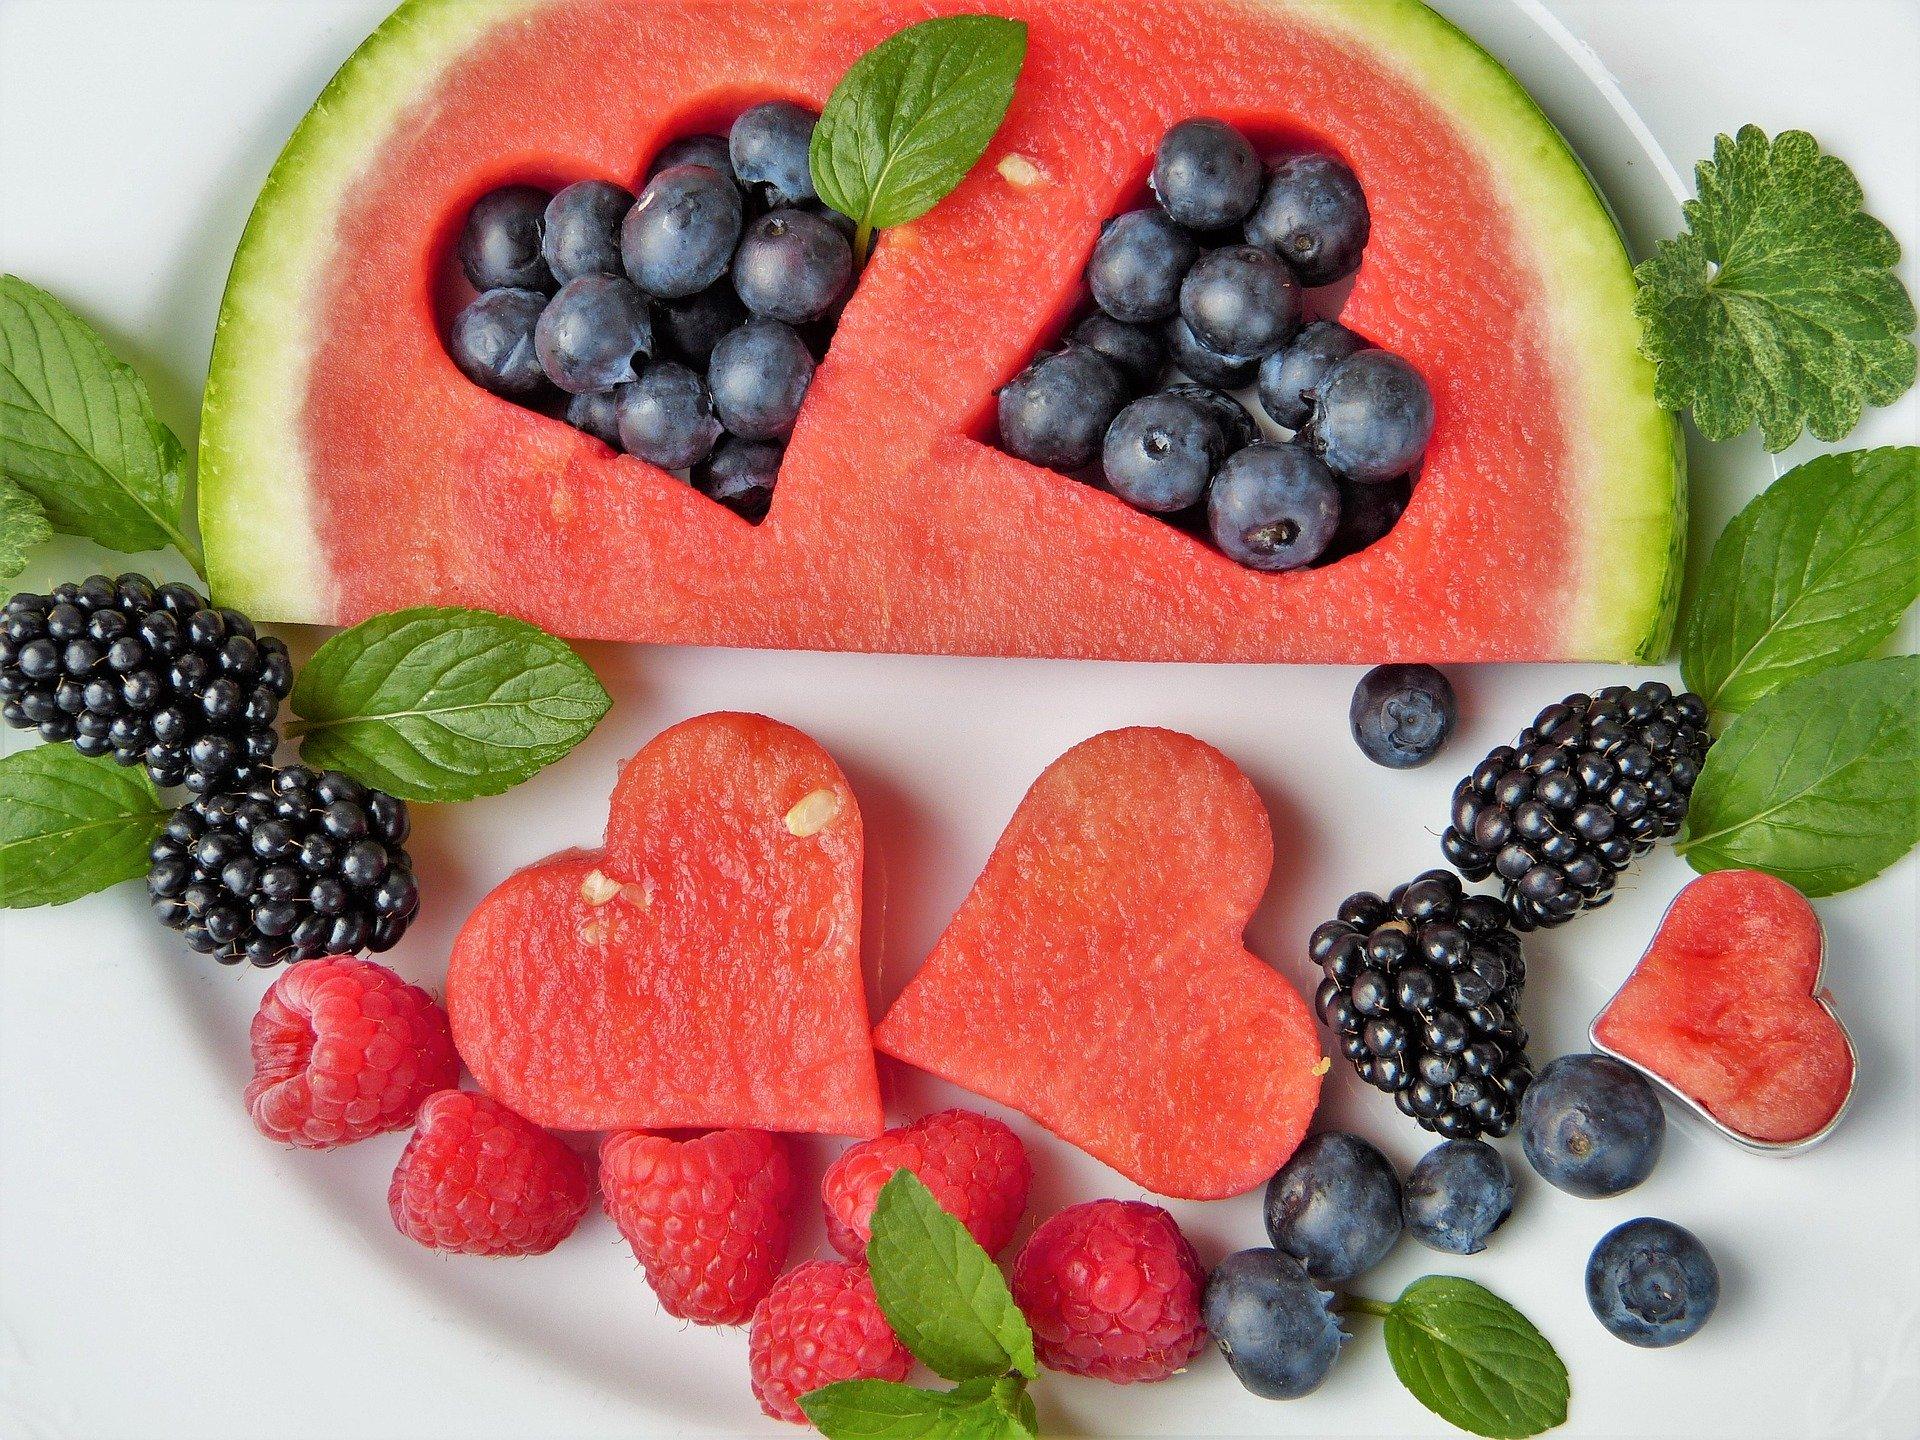 Heart Health Tips for Seniors